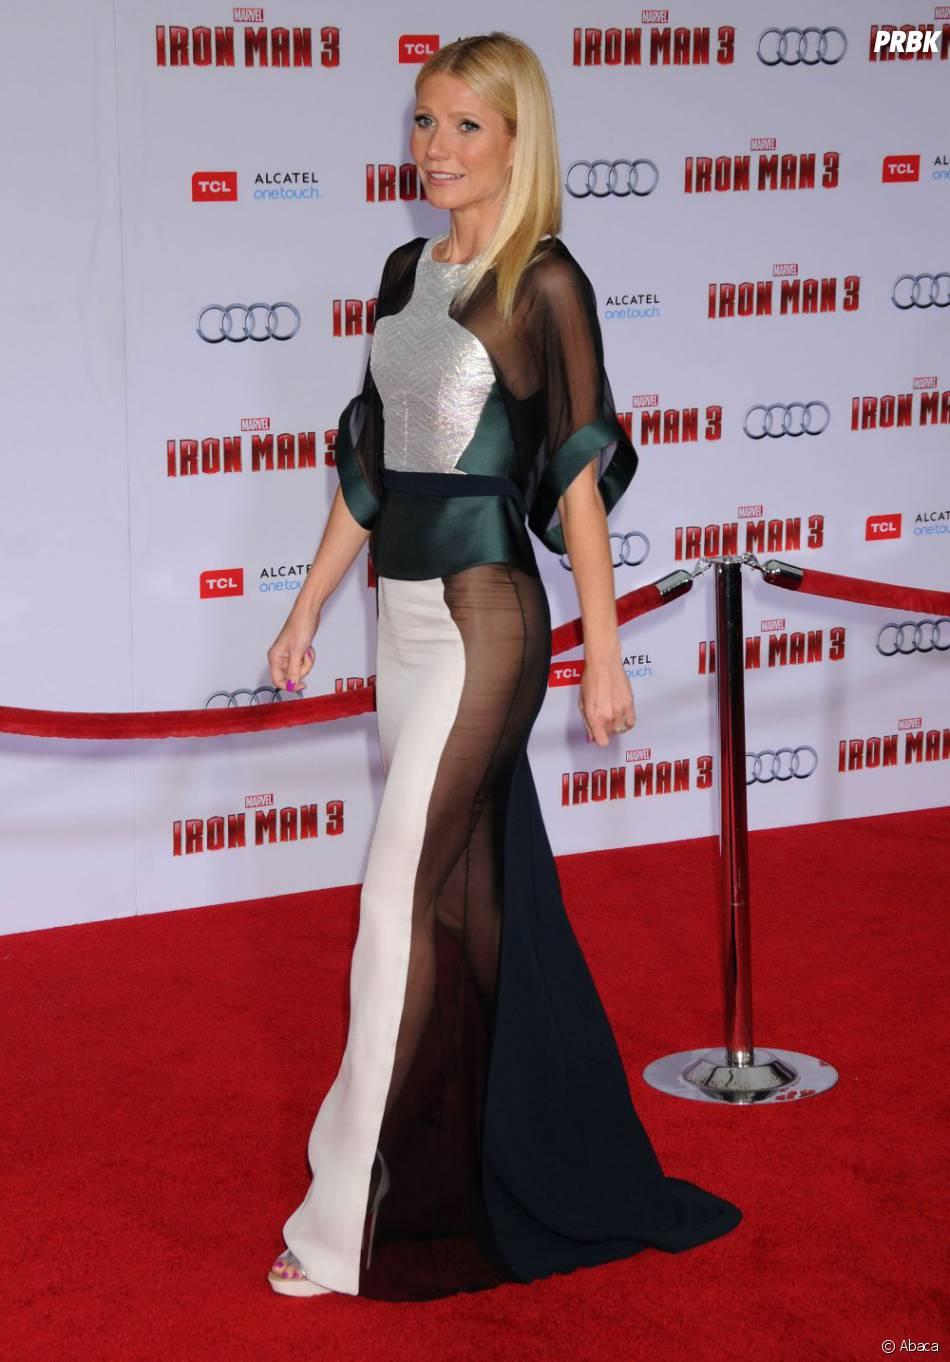 Gwyneth Paltrow en transparence à l'avant-première d'Iron Man 3 le 24 avril 2013